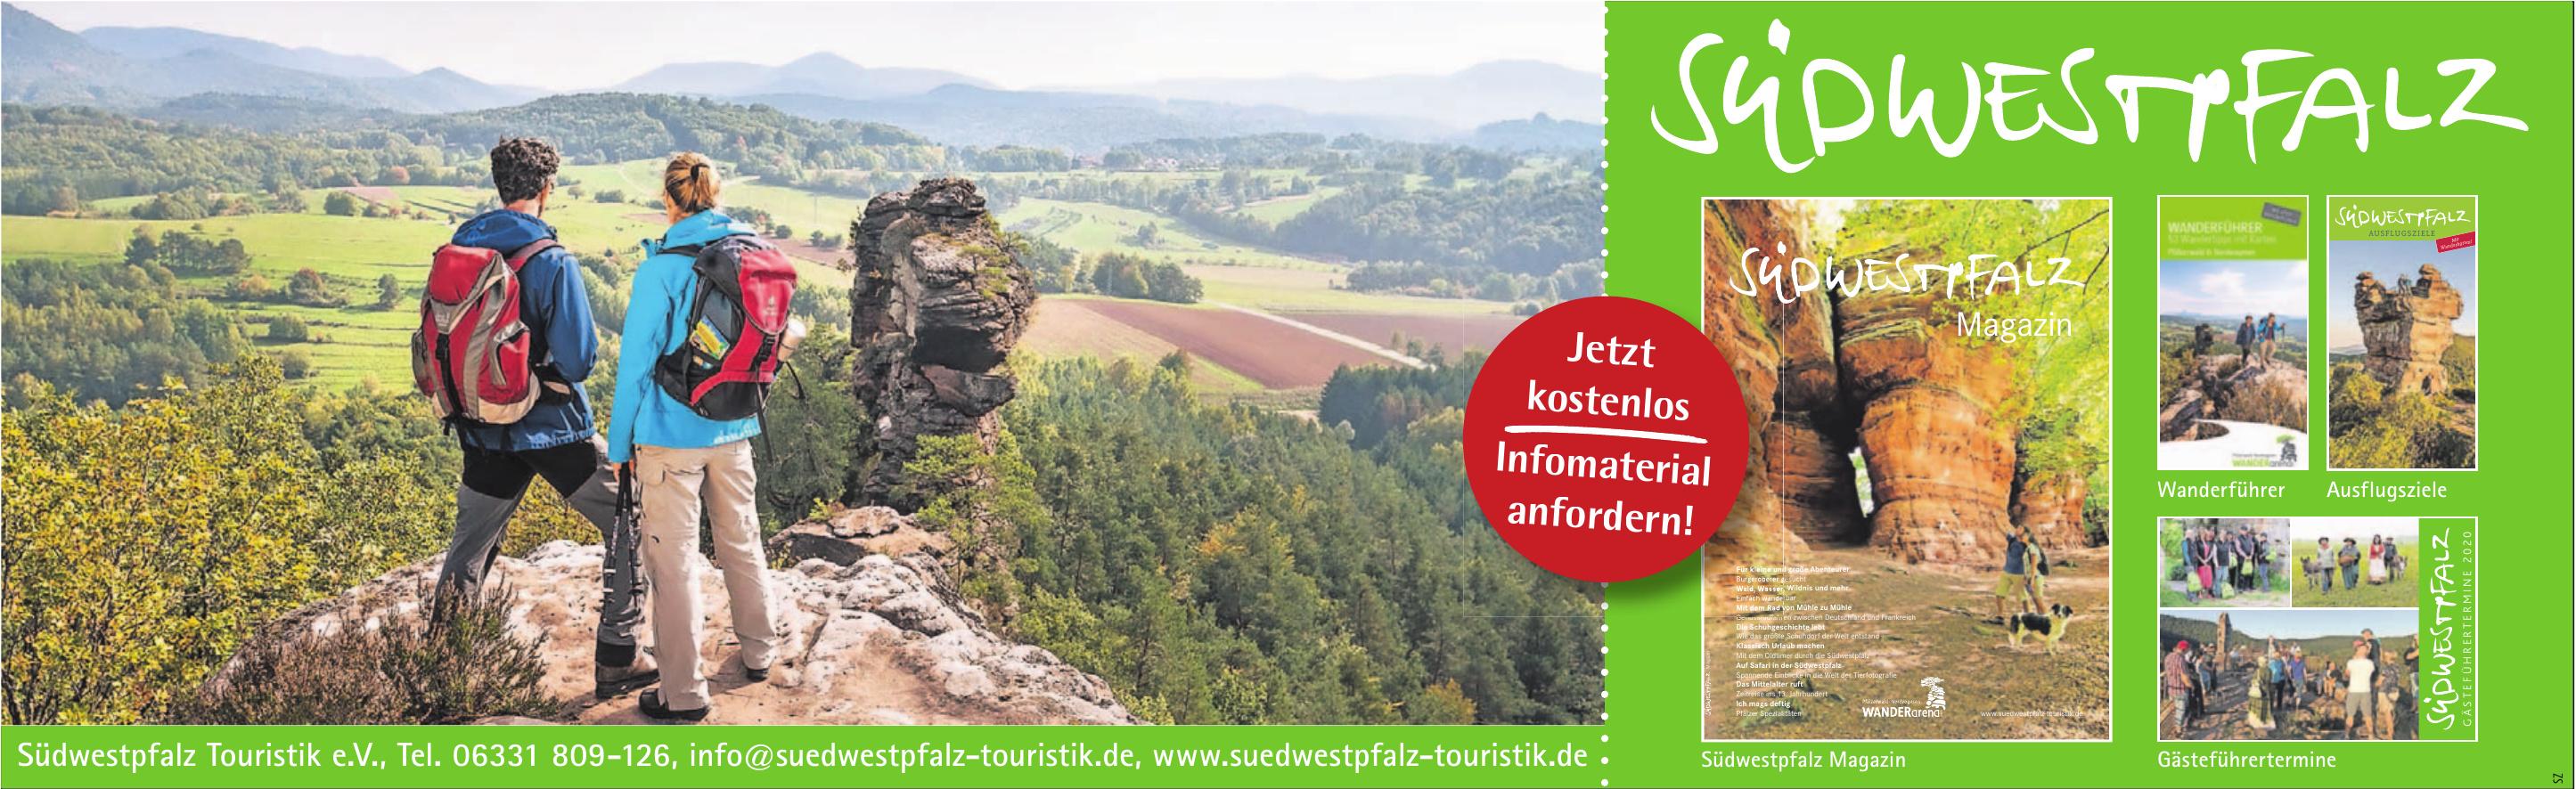 Südwestpfalz Touristik e.V.